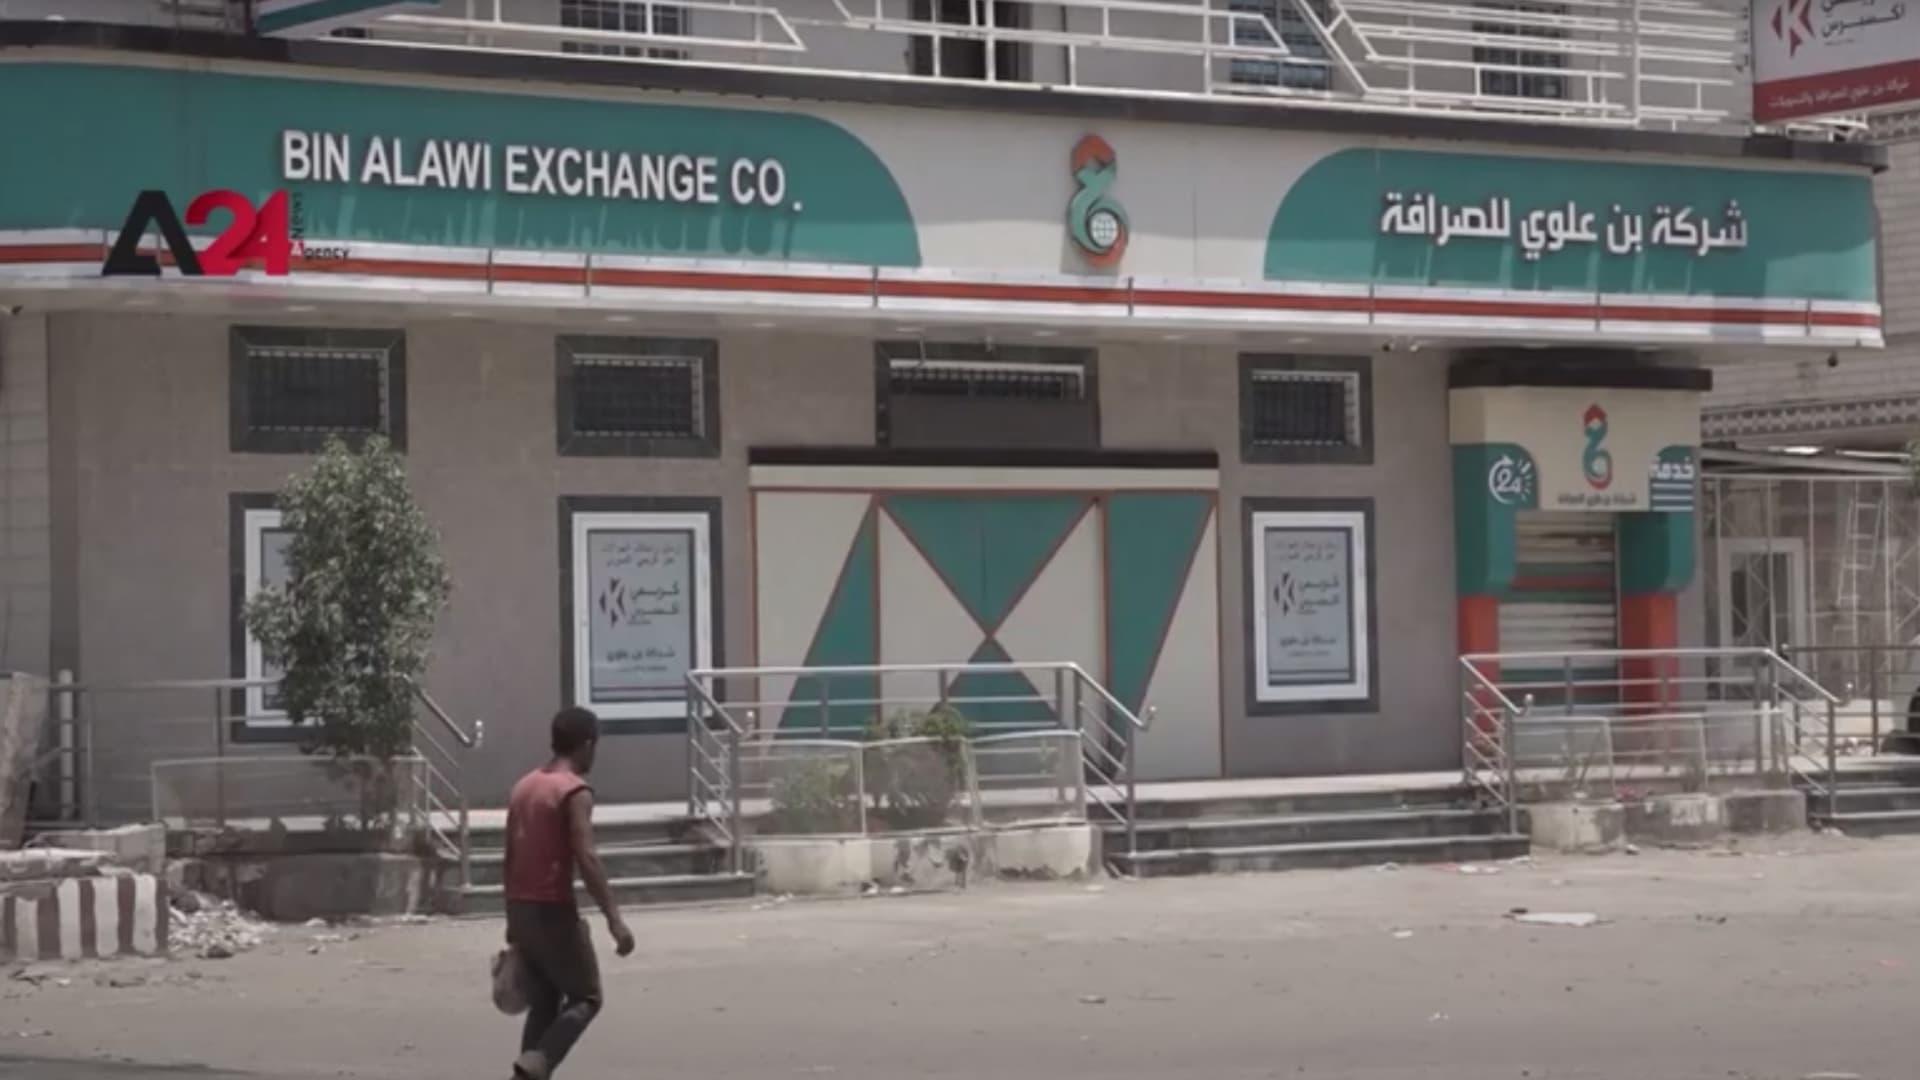 انهيار العملة اليمنية يجبر محلات الصرافة في عدن على الإغلاق